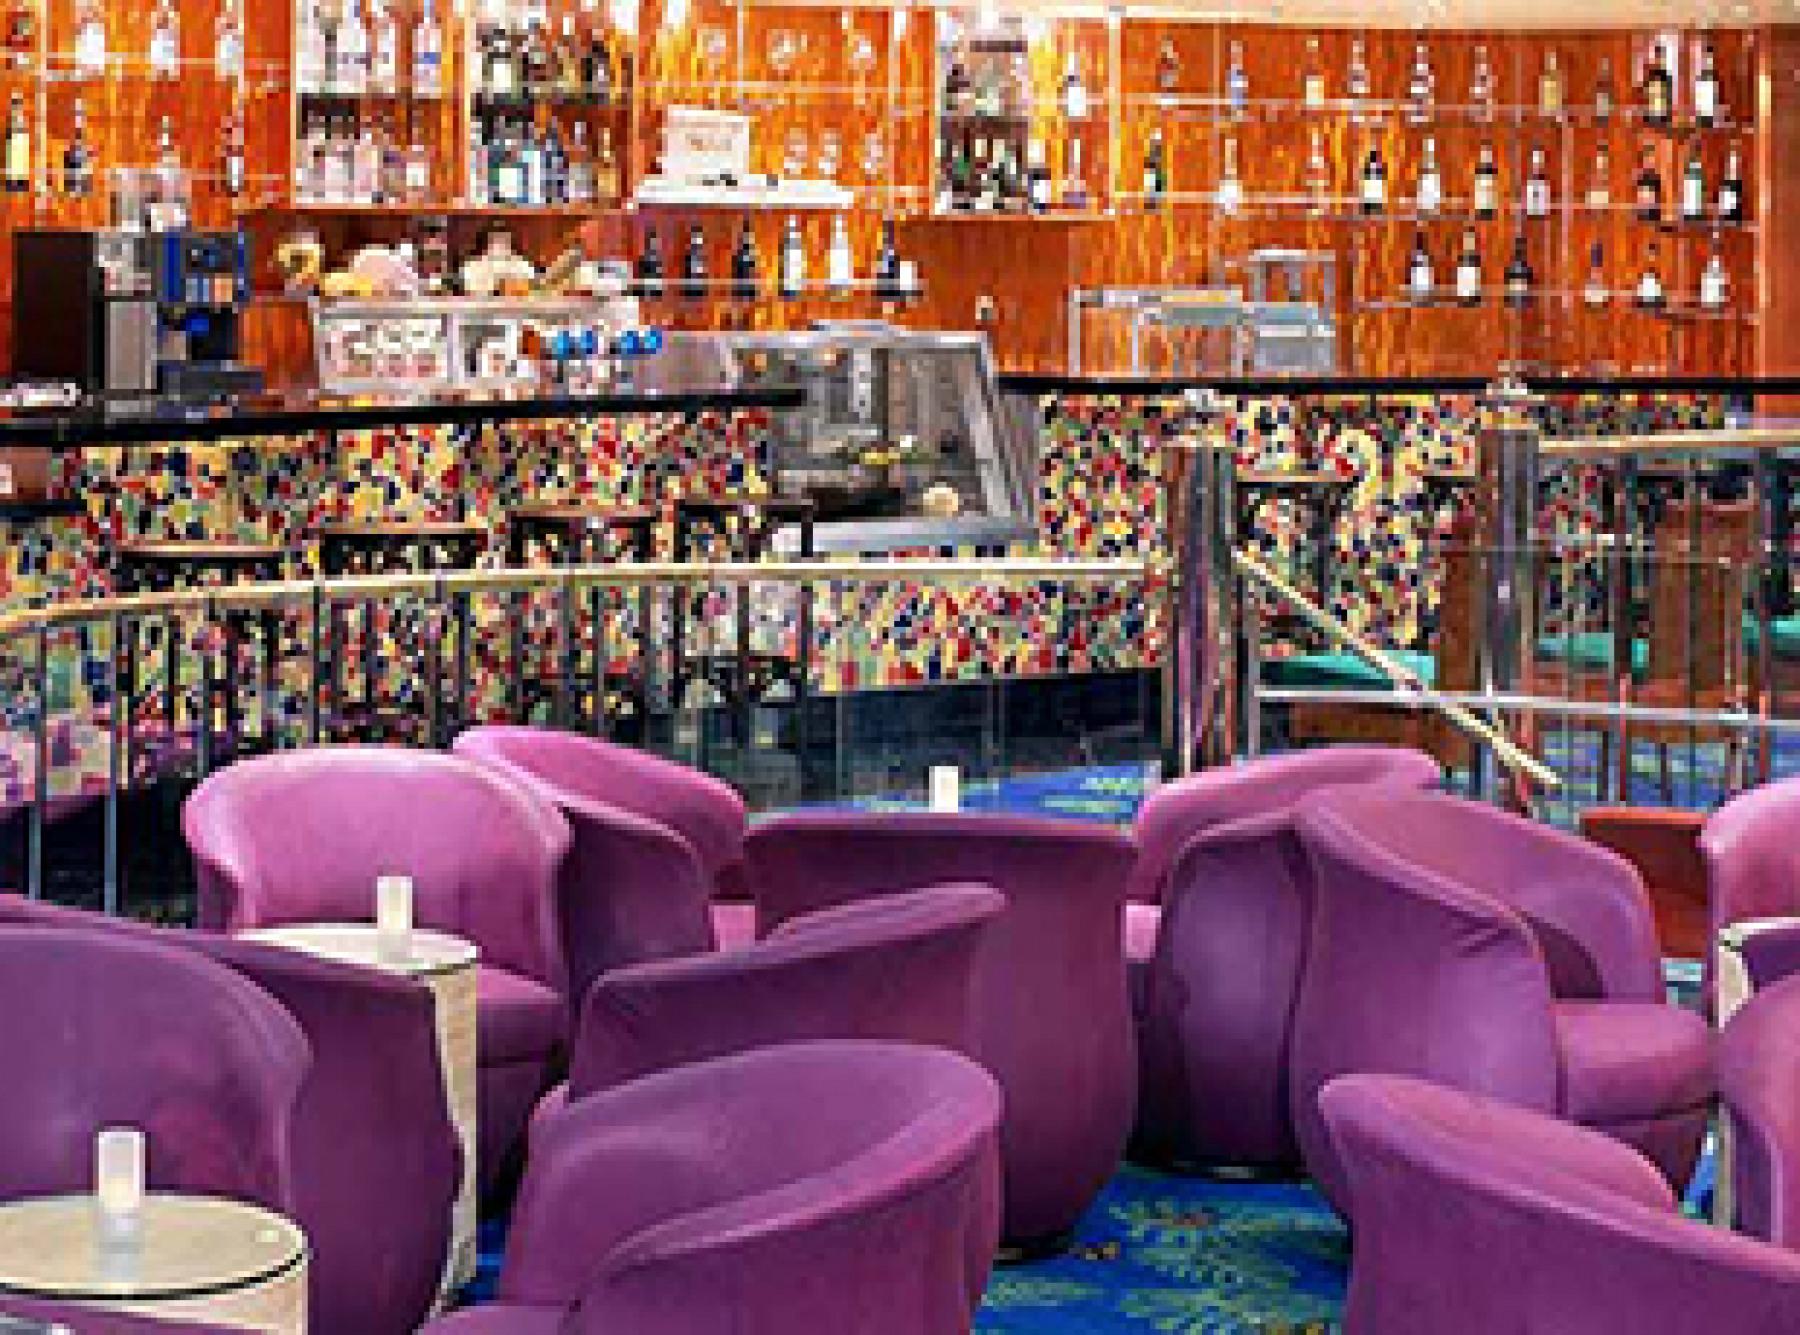 Norwegian Cruise Line Norwegian Dawn Interior Moderno Churrascaria.jpg